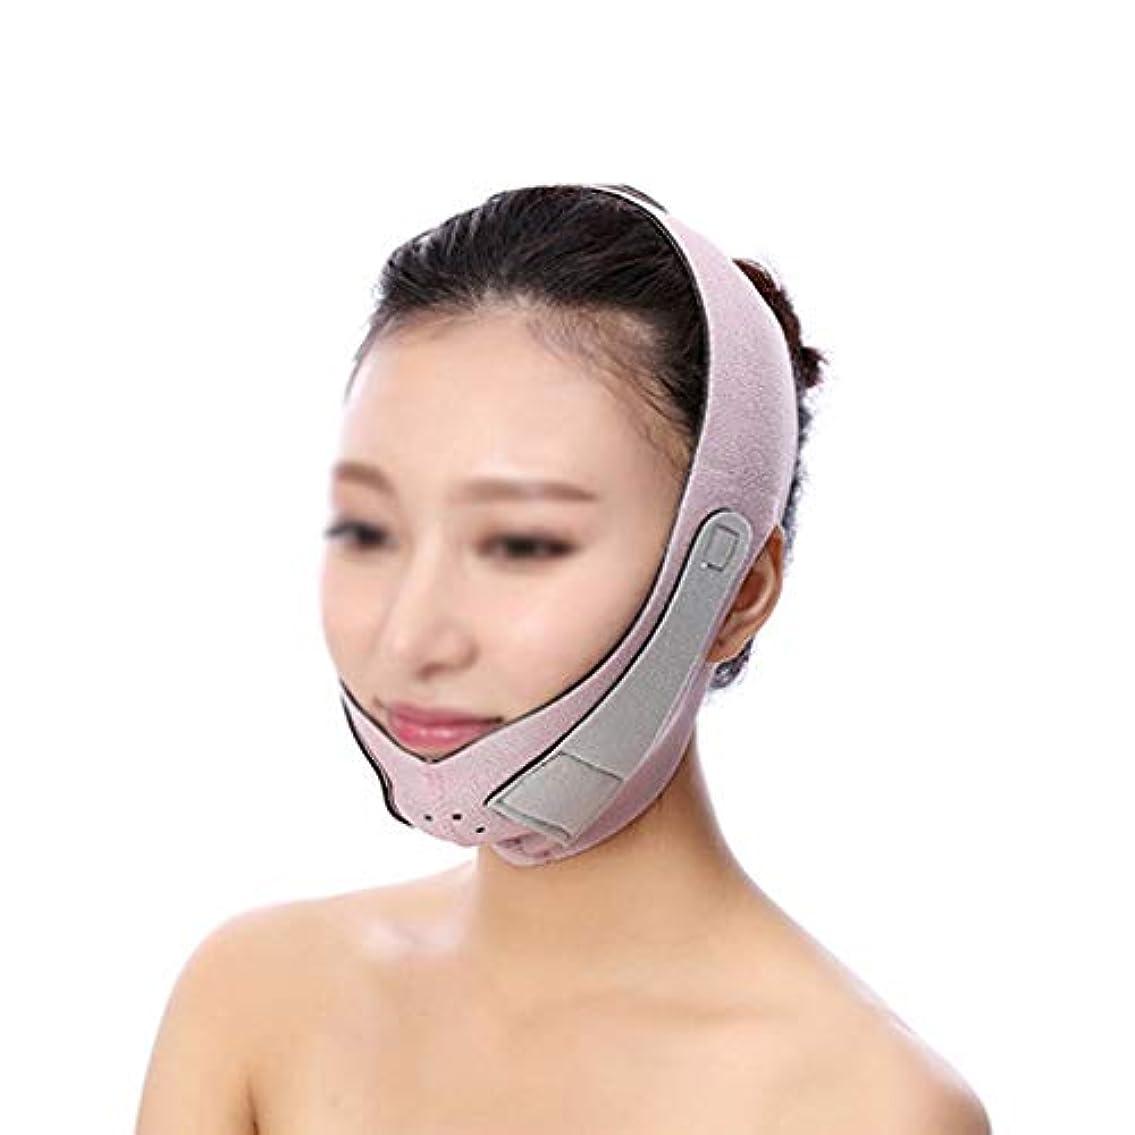 ランドマークカートン歯痛XHLMRMJ 薄型フェイスマスク、フェイスリフティングに最適、フェイスバンドを引き締めて肌の包帯を締め、頬あごの持ち上げ、肌の包帯を引き締める(ワンサイズはすべてにフィット) (Color : Purple)